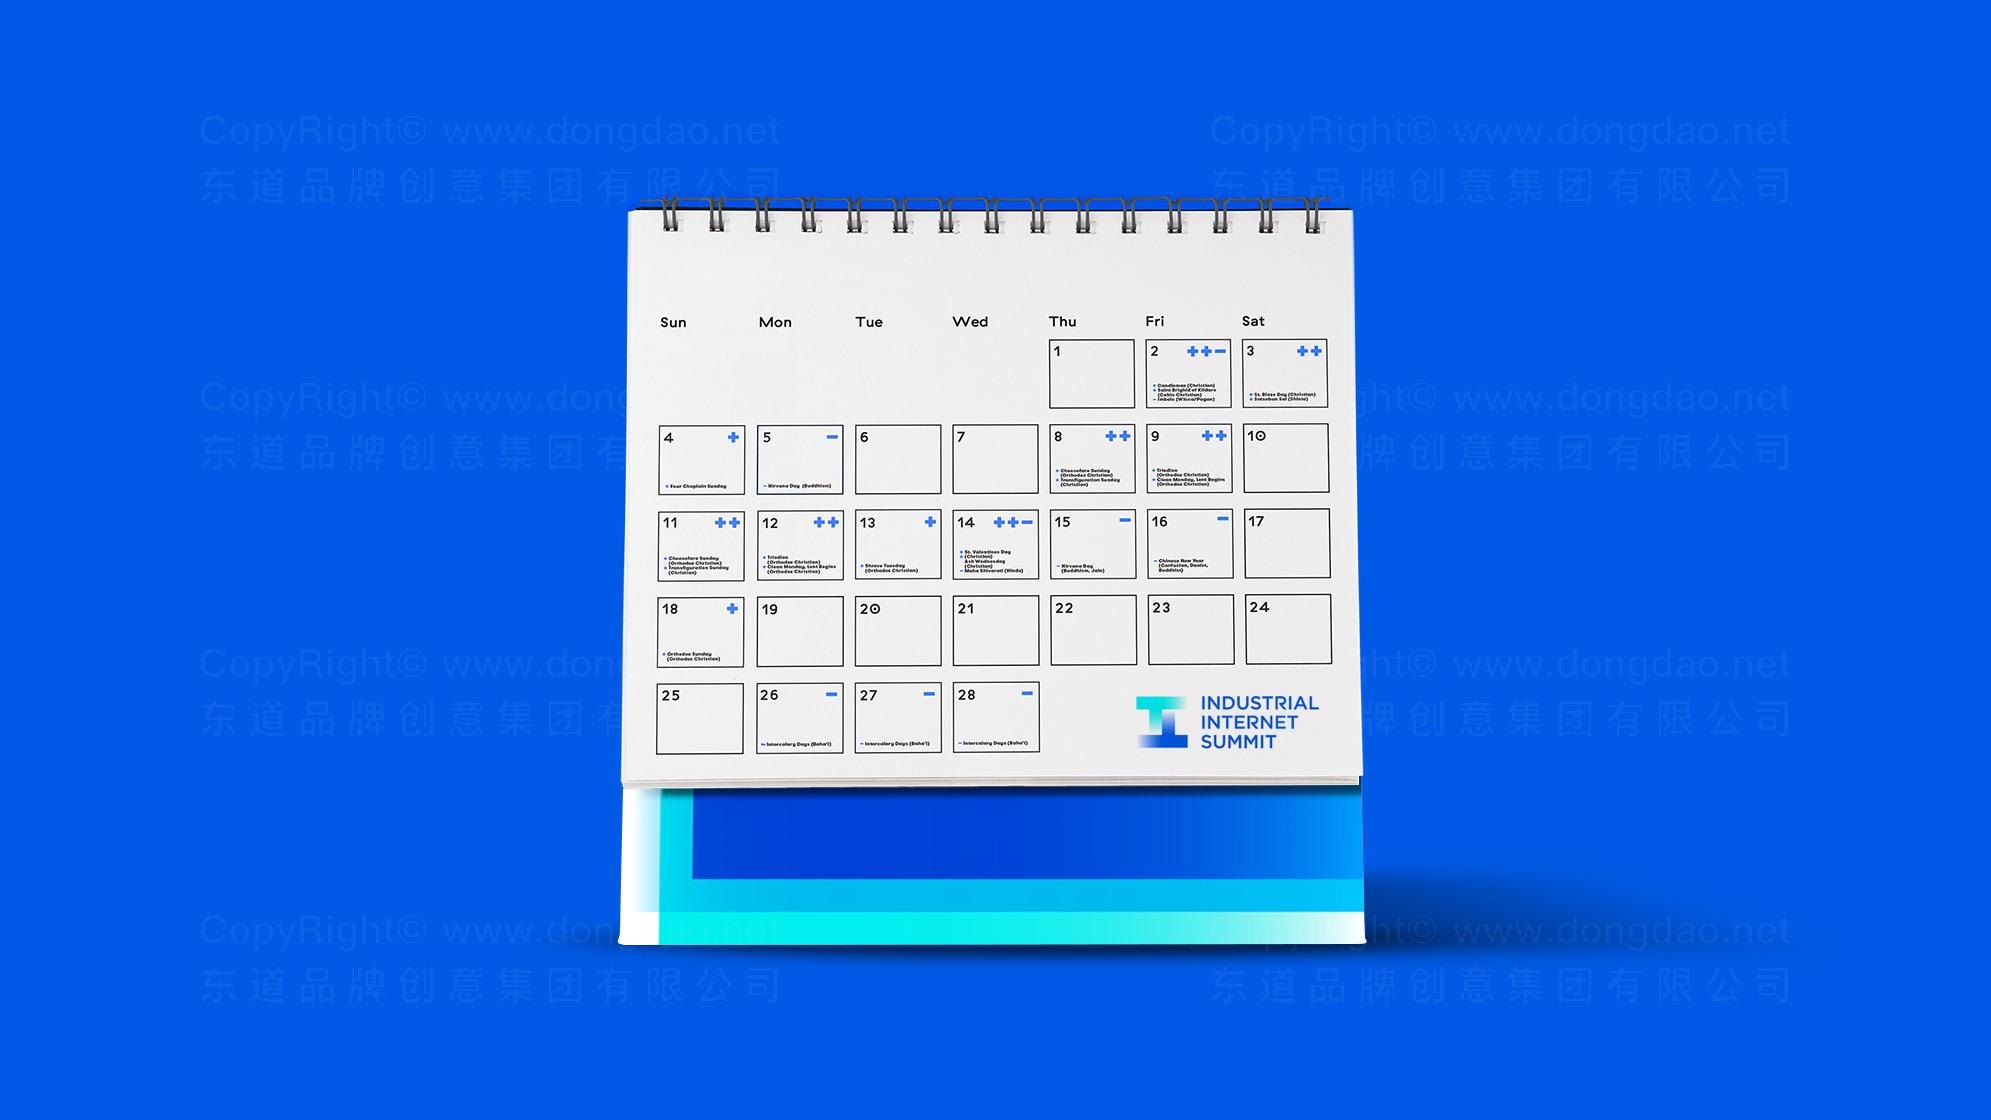 品牌设计工业互联网峰会LOGO设计应用场景_5